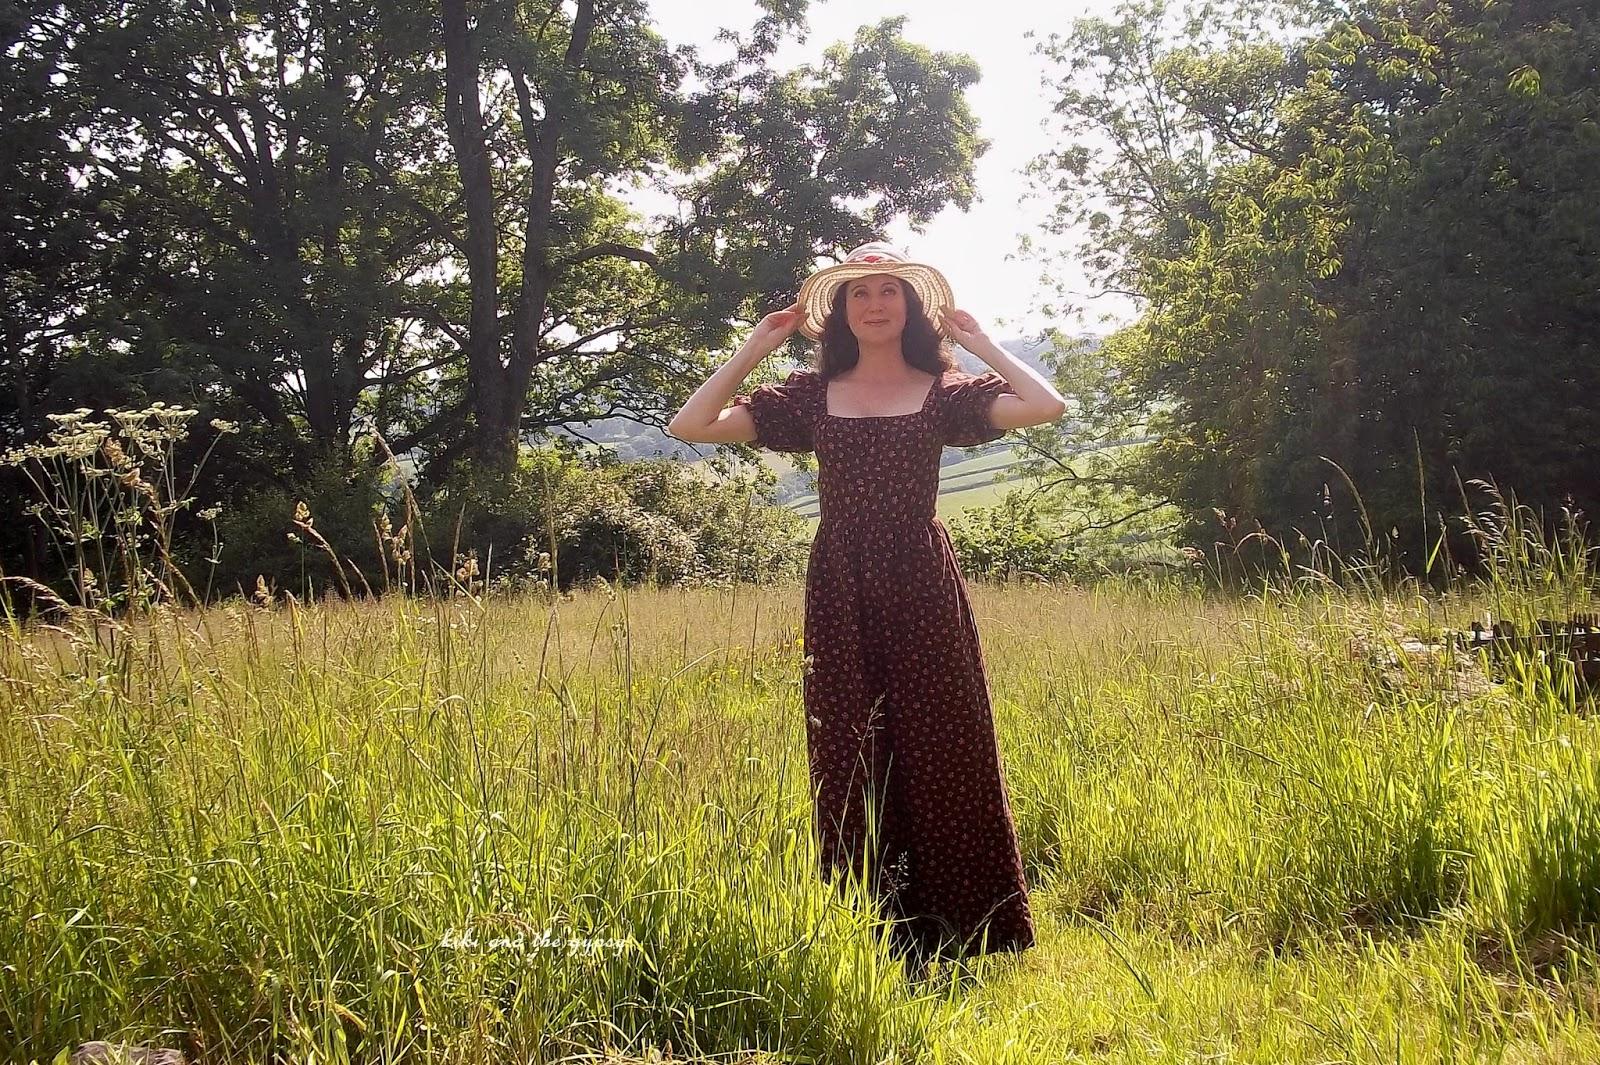 Enchanted Garden: Kiki And The Gypsy: Enchanted Garden, & A Spy Girl Portrait